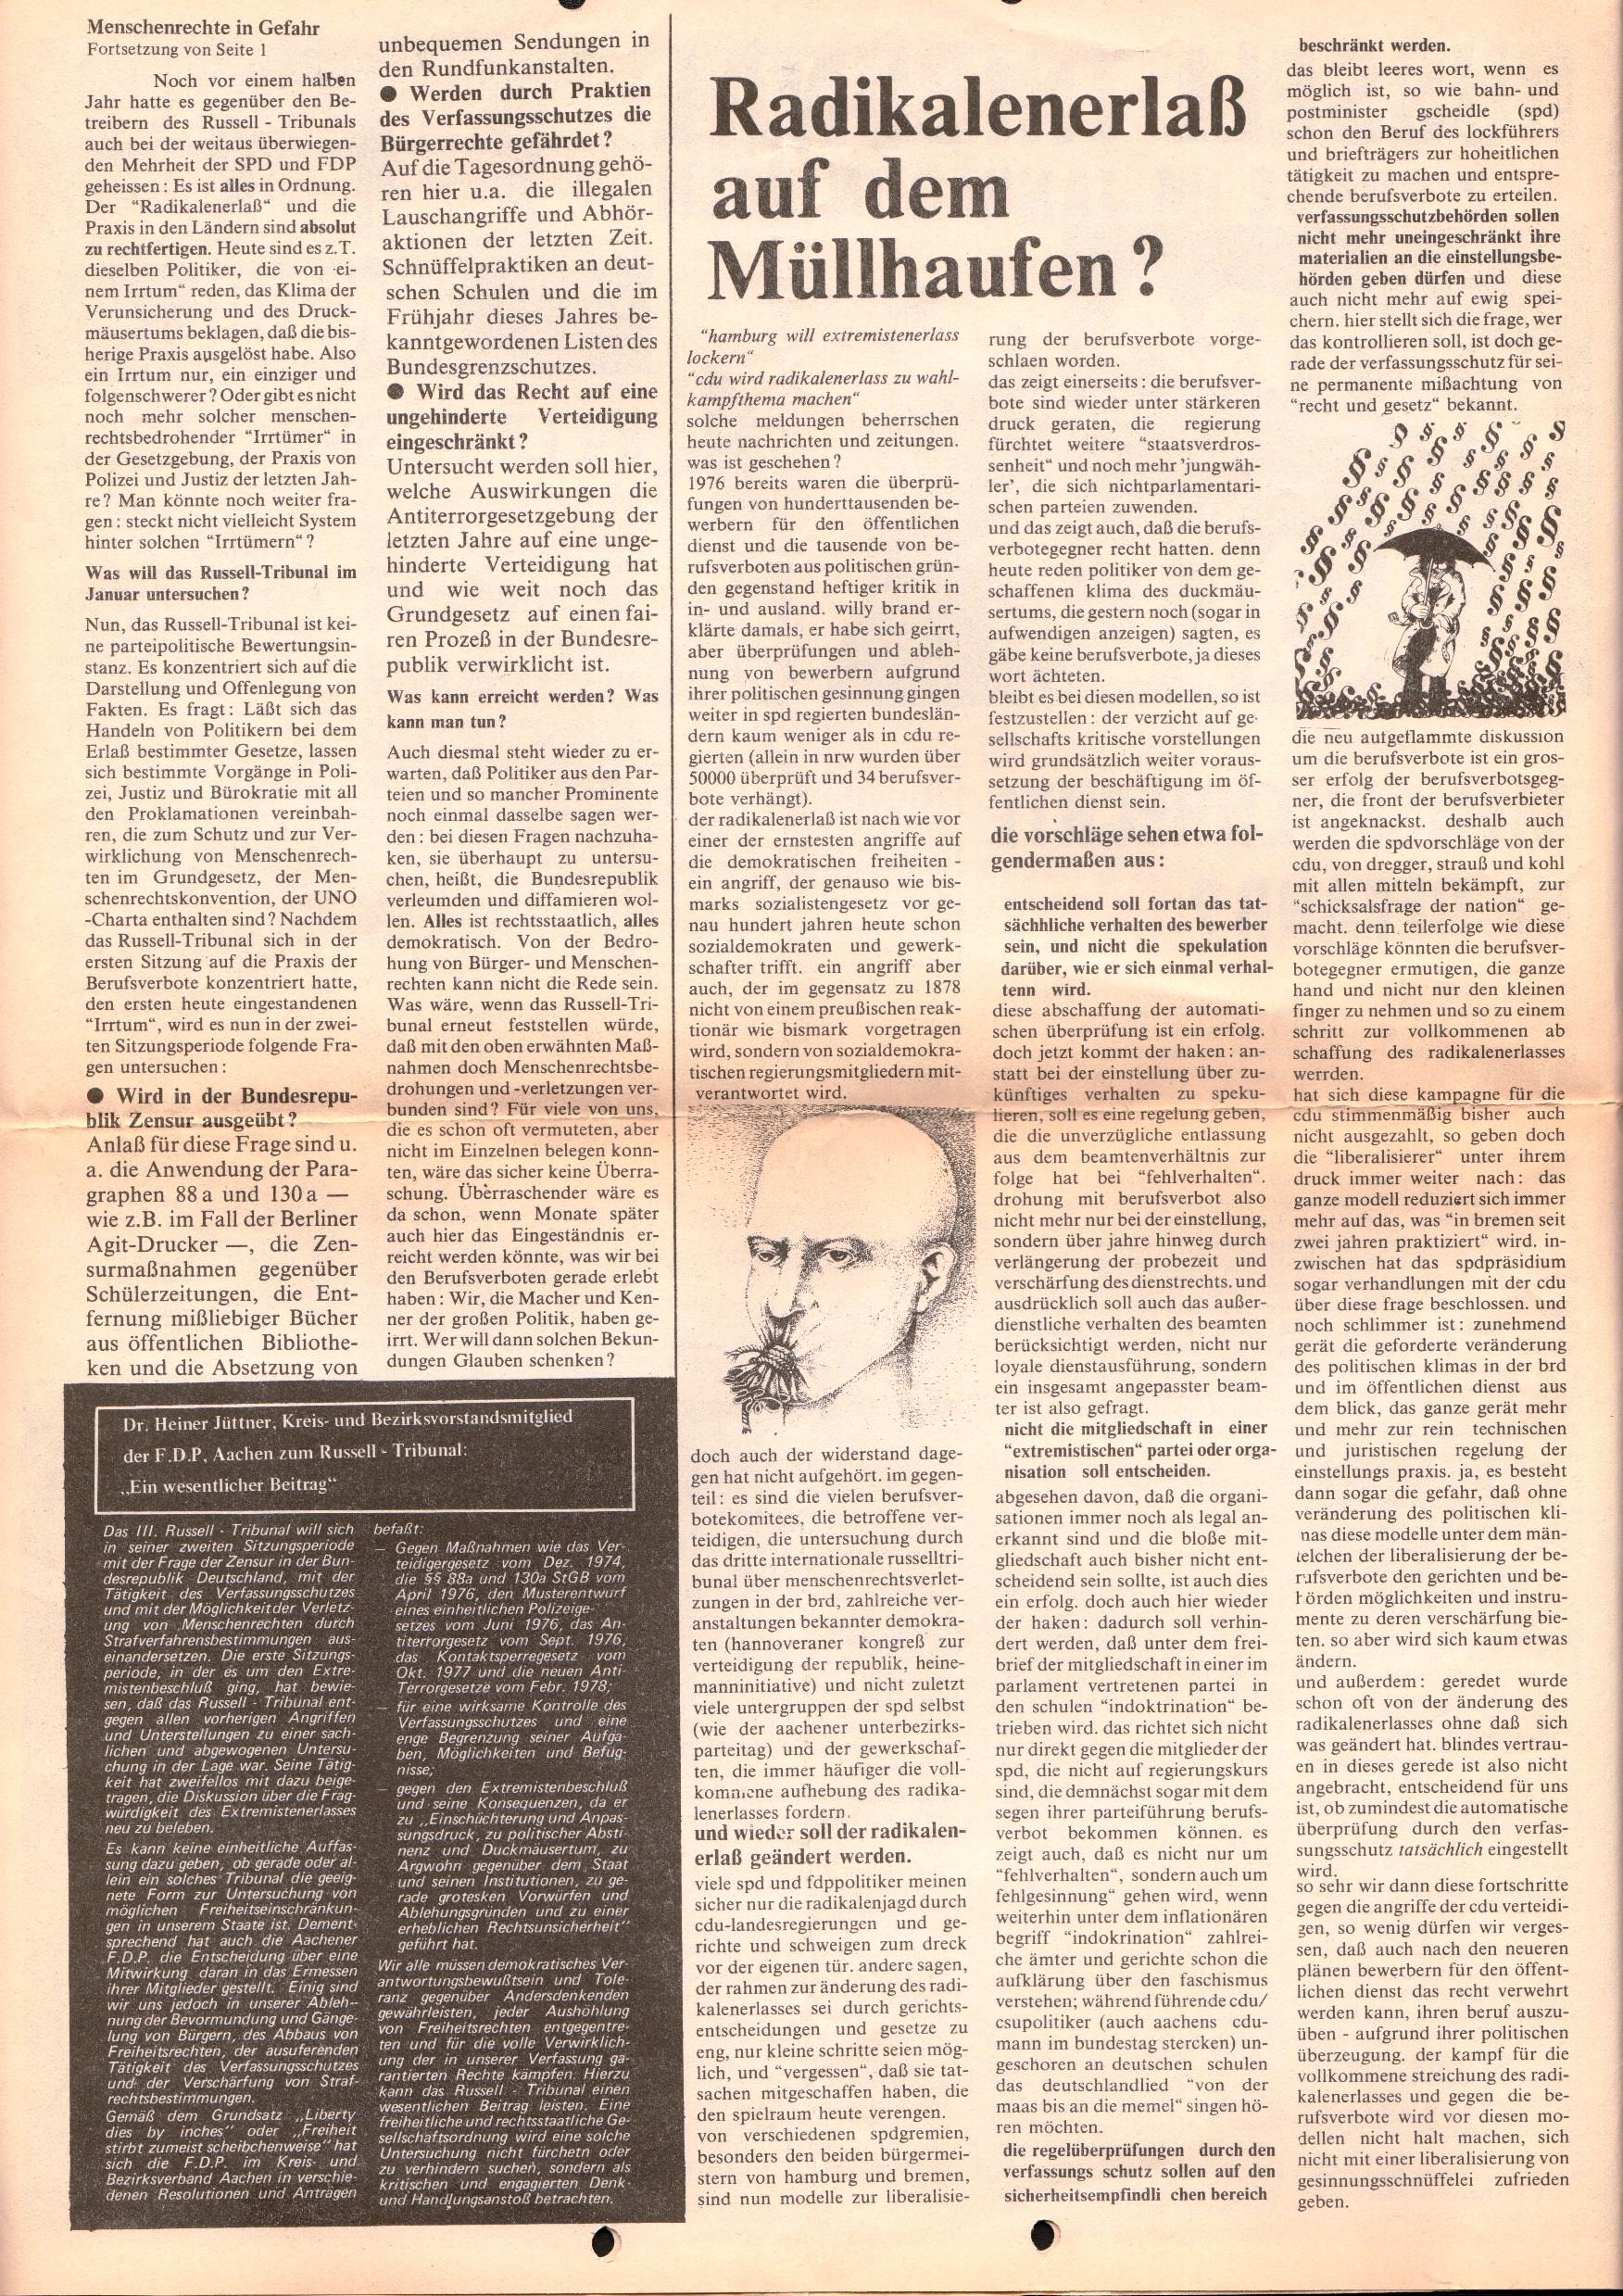 Aachen_Extrablatt_1978_02